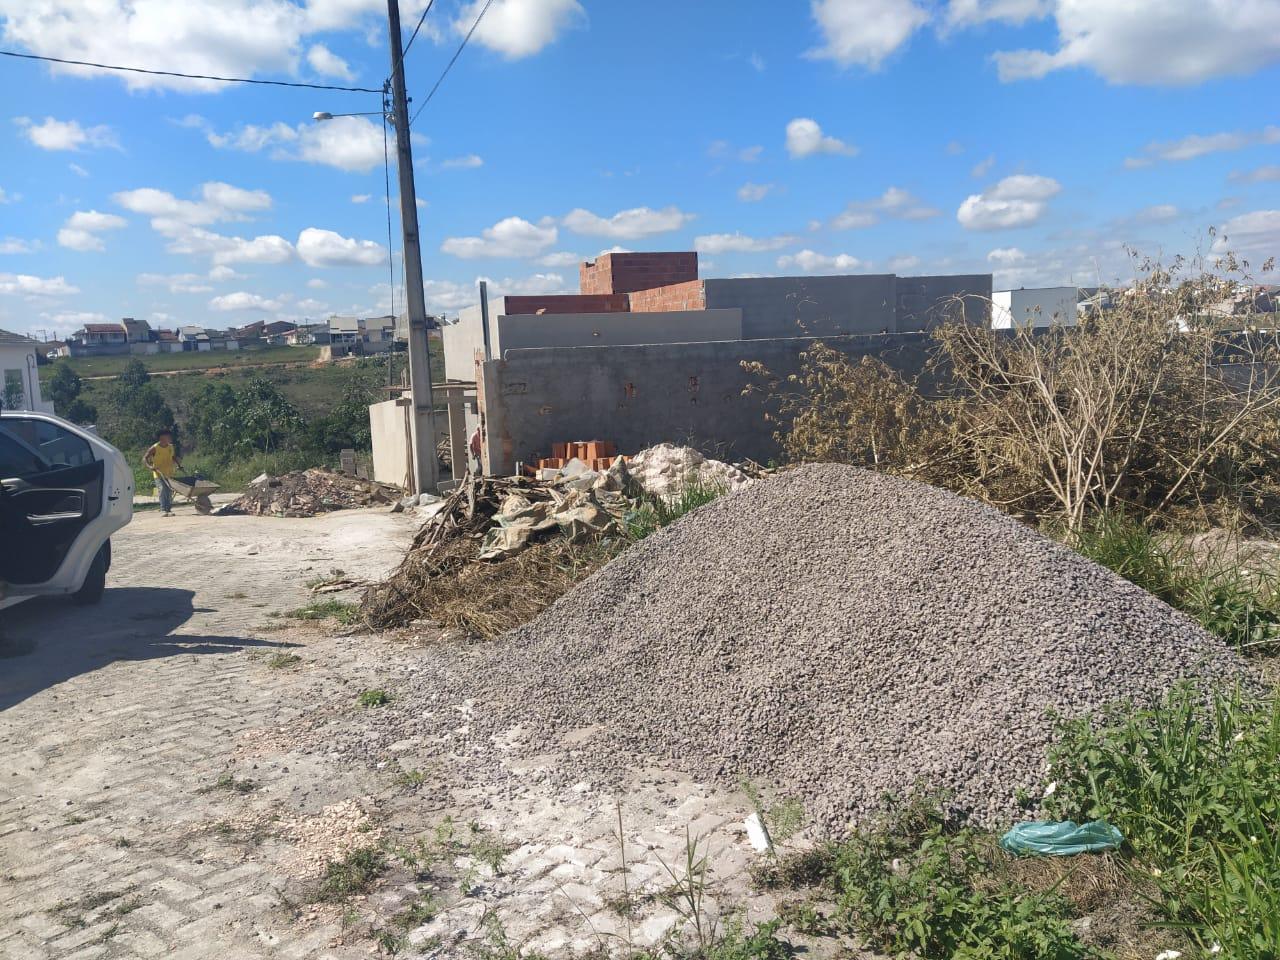 Eunápolis: Lei municipal proíbe material de construção em vias públicas 21